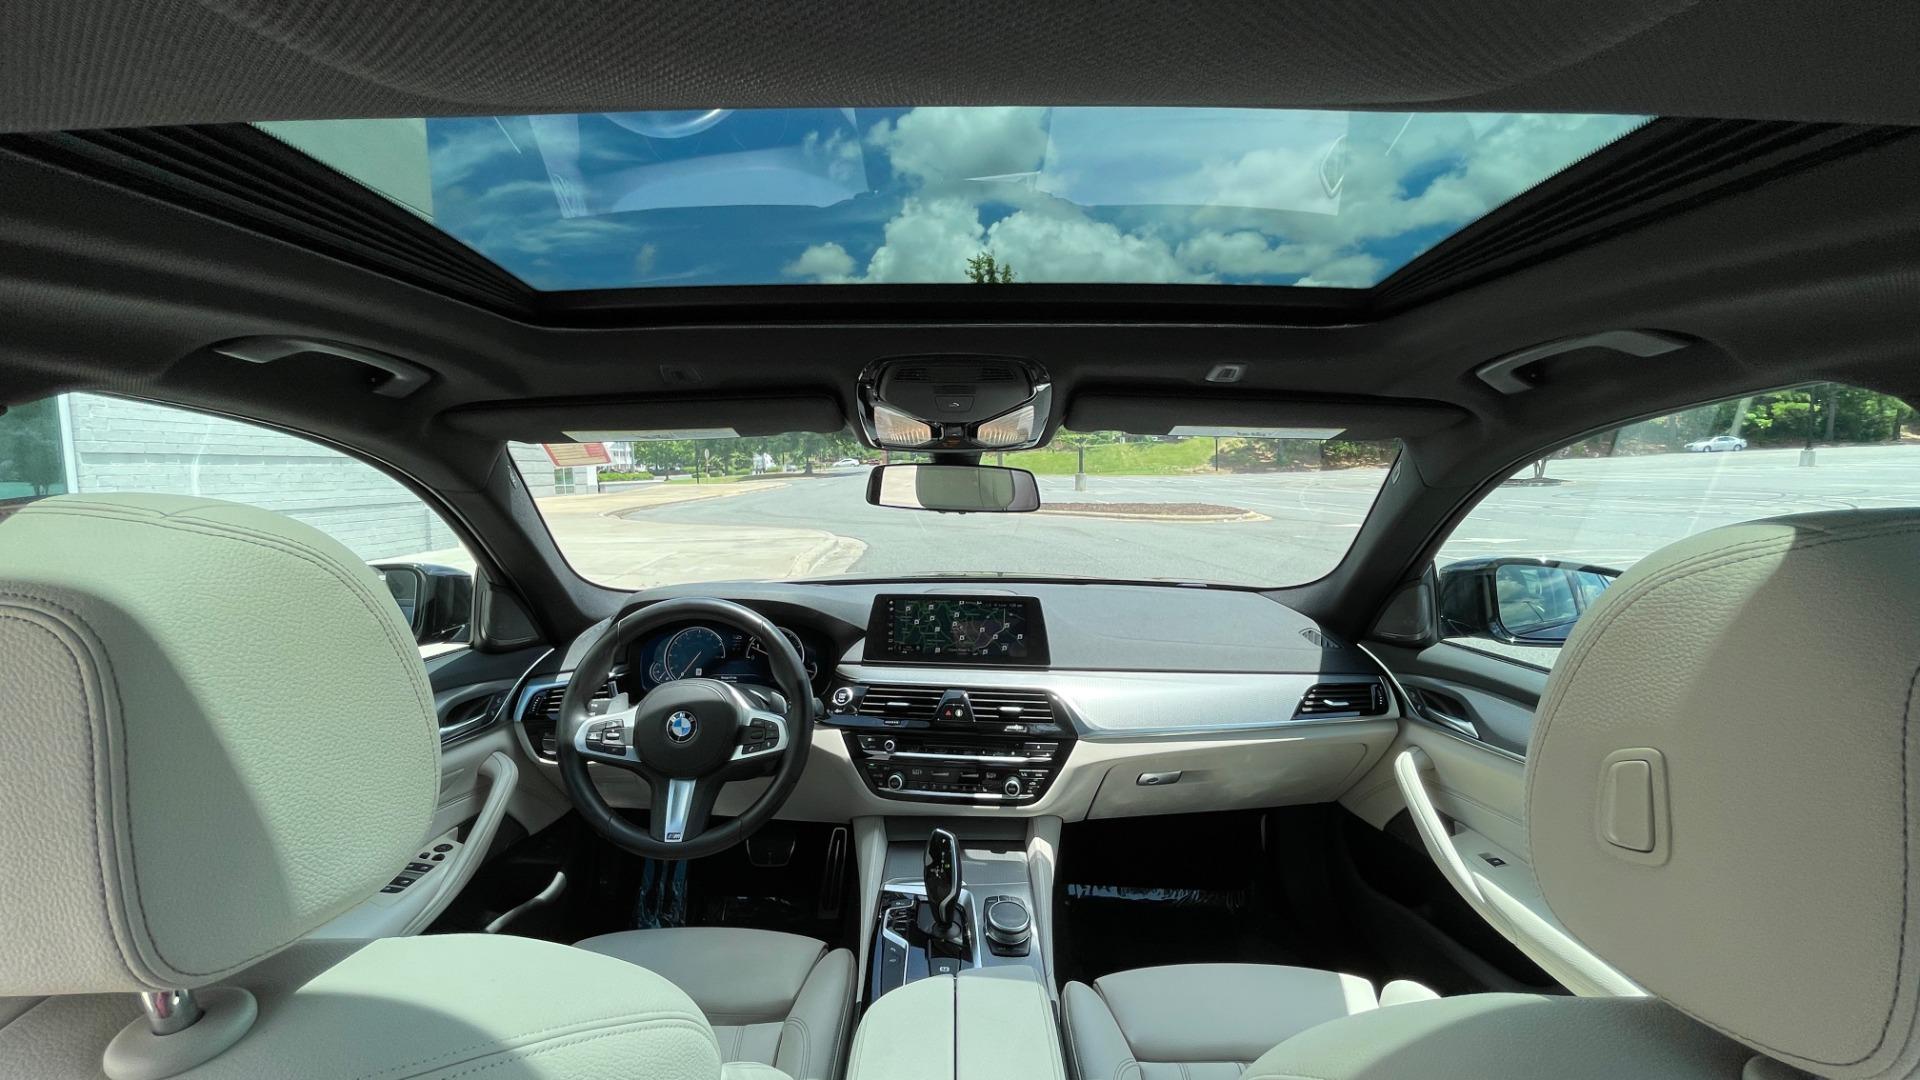 Used 2018 BMW 5 SERIES 540I M-SPORT / EXECUTIVE PKG / DRVR ASST PKG / BLIND SPOT / LANE DEPART for sale $40,995 at Formula Imports in Charlotte NC 28227 64